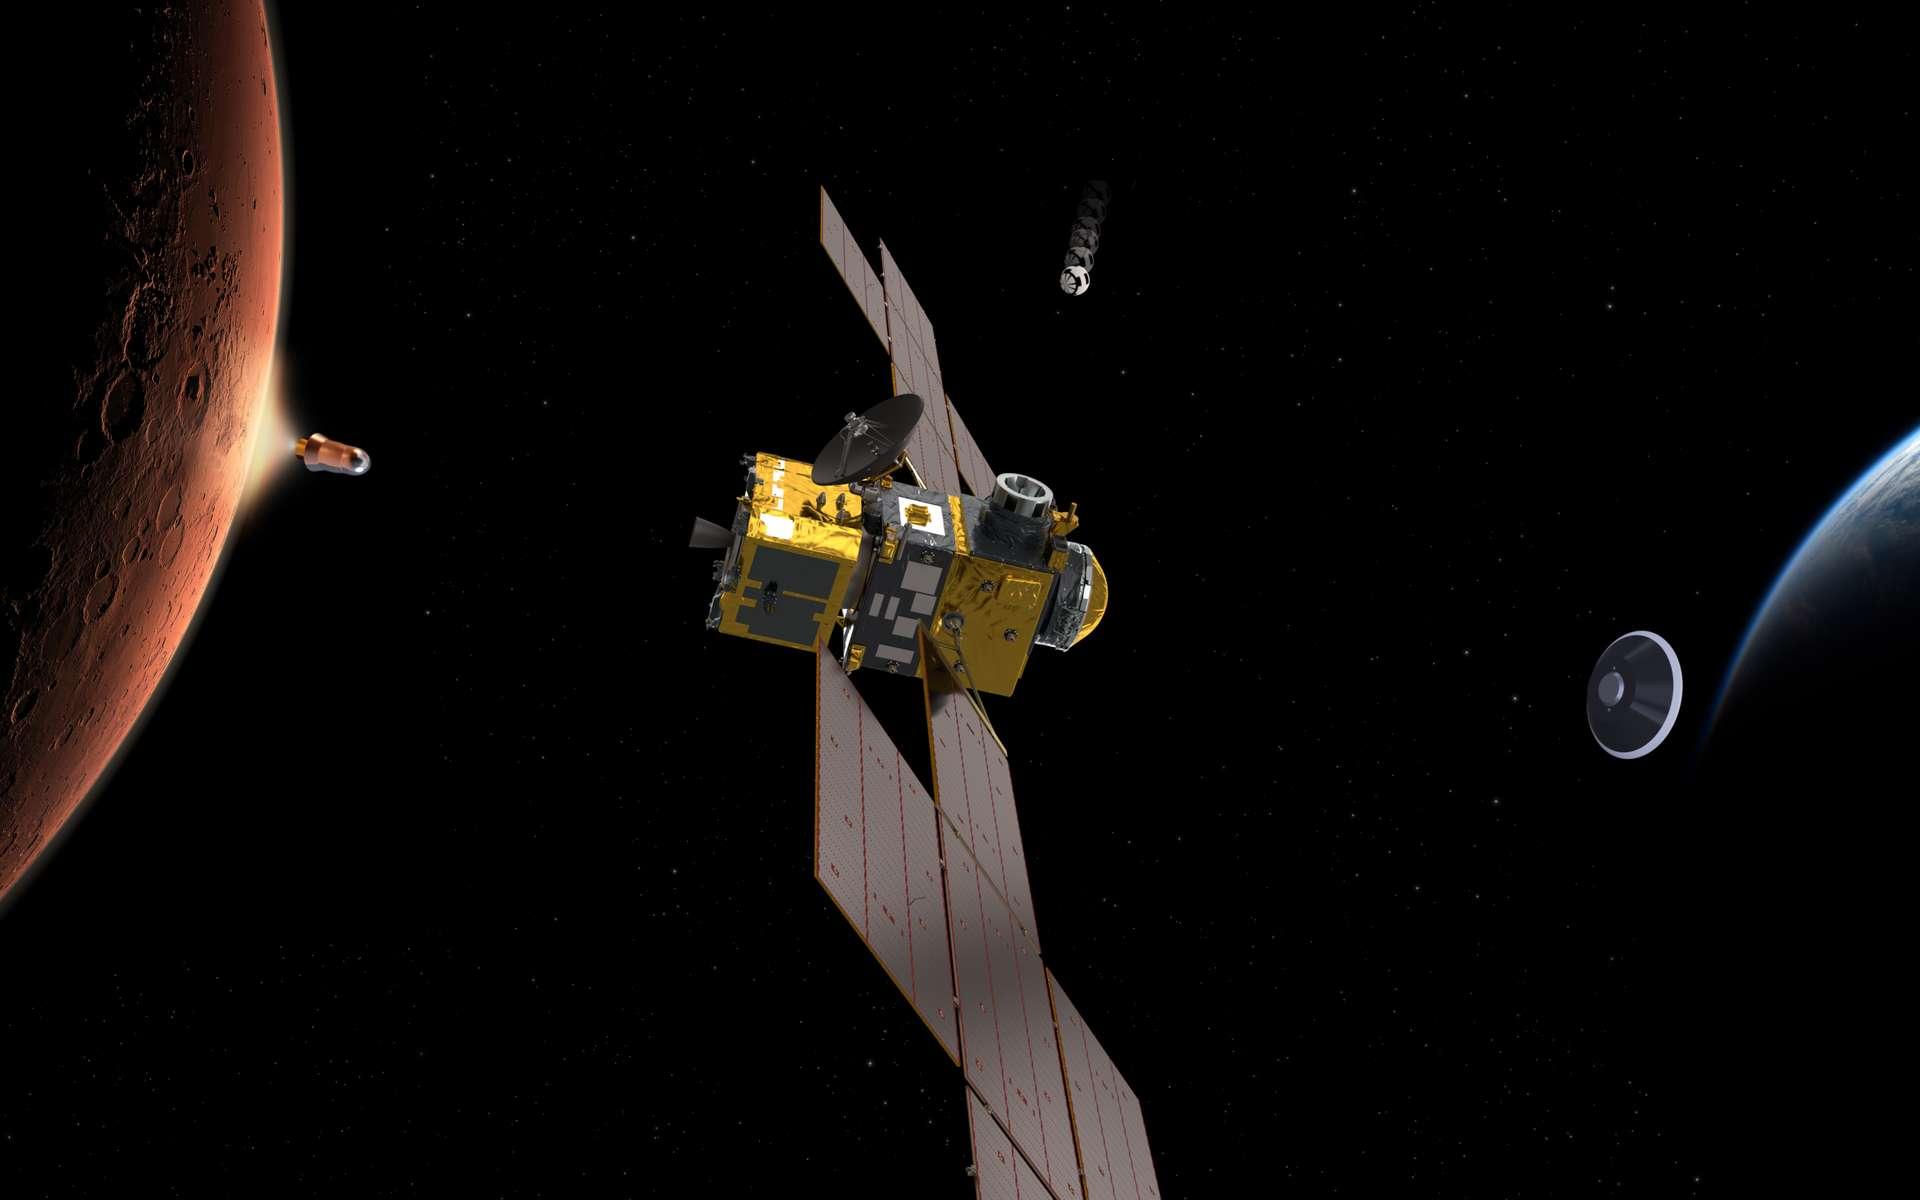 Le rover ExoMars Rosalind Franklin, une des nombreuses missions à destination de Mars qui seront lancées en 2020. © ESA, ATG Medialab